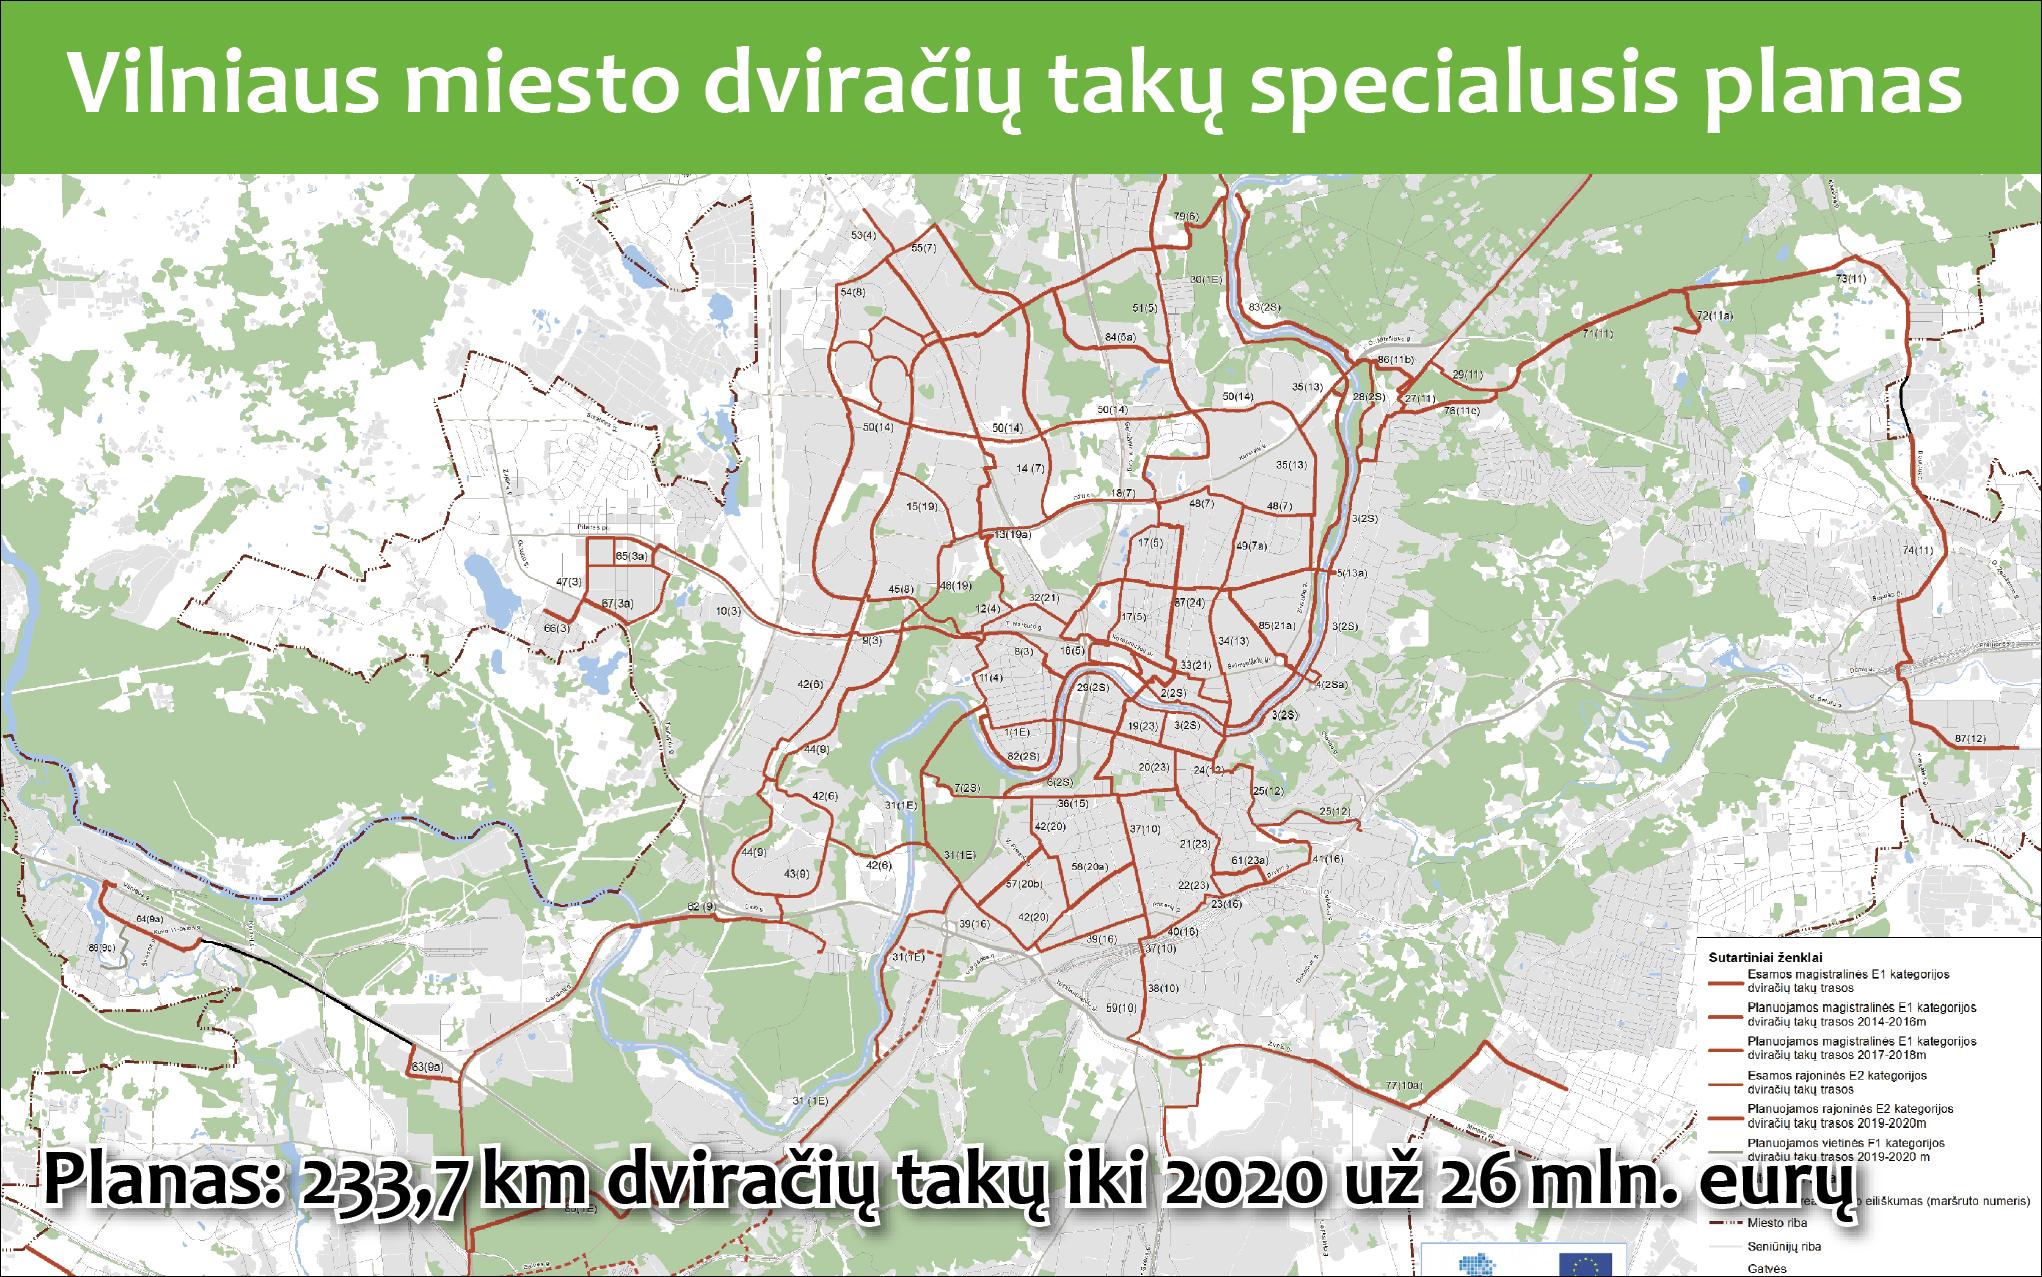 vilniaus-miesto-dviraciu-taku-specialusis-planas